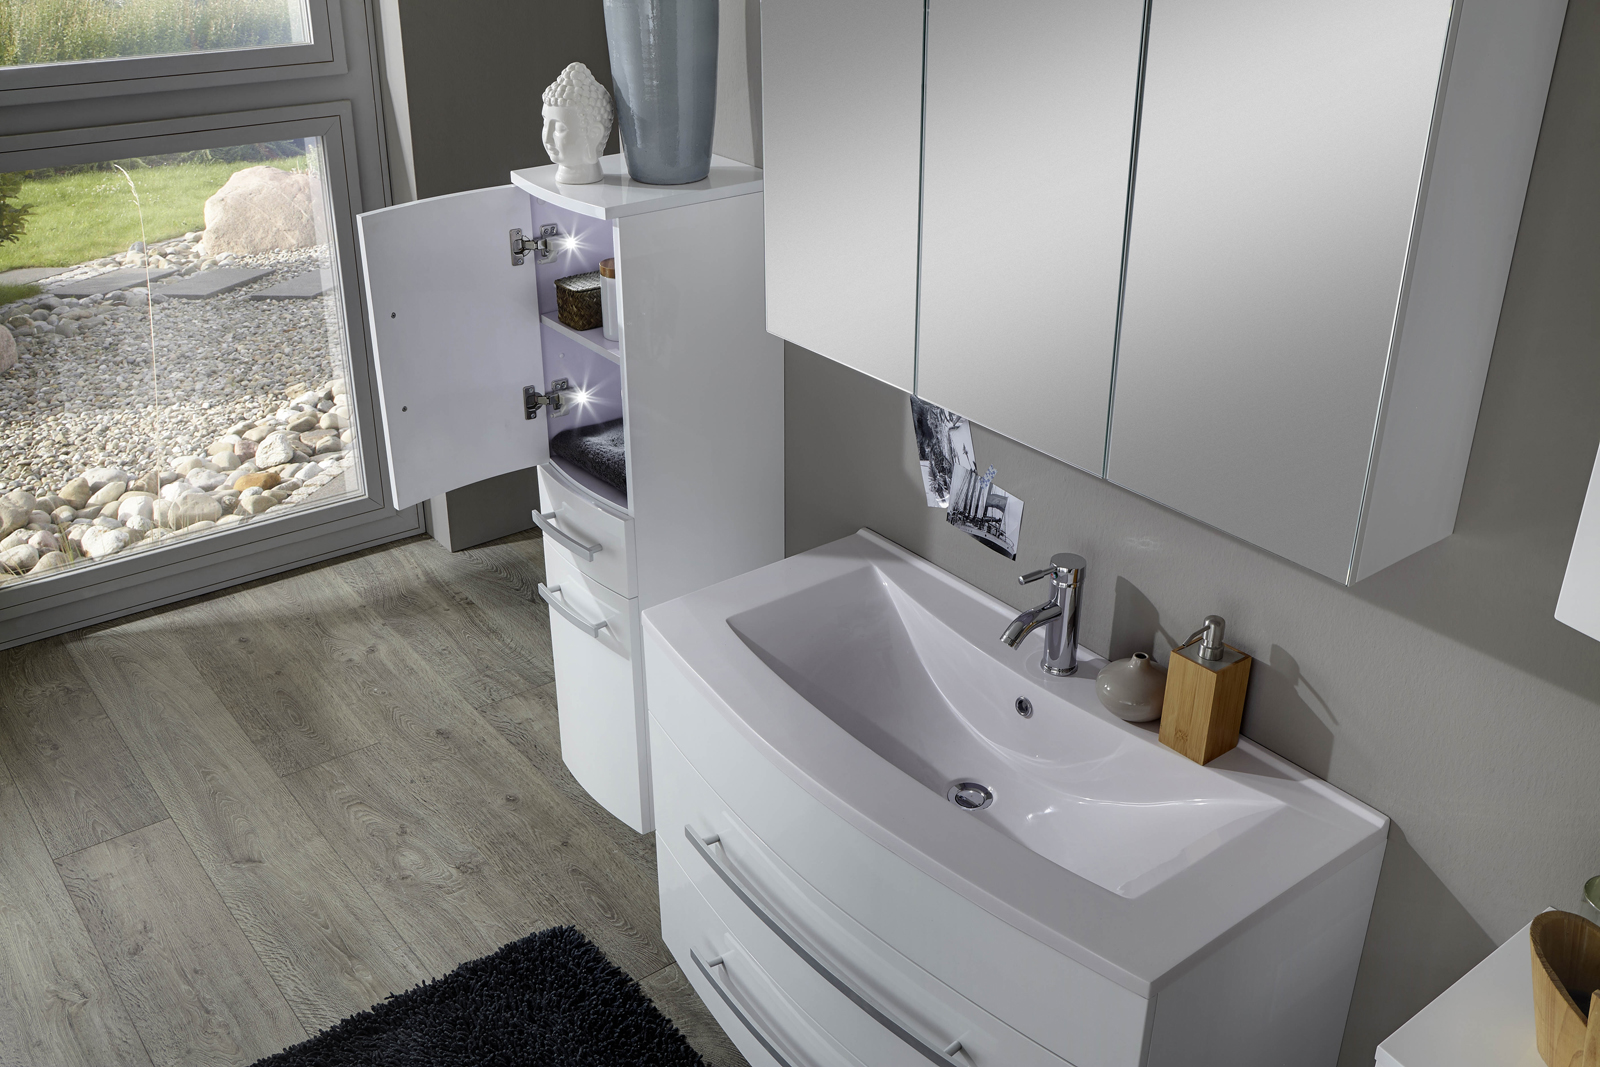 sam 5tlg badezimmer set hochglanz wei 90cm genf auf lager. Black Bedroom Furniture Sets. Home Design Ideas